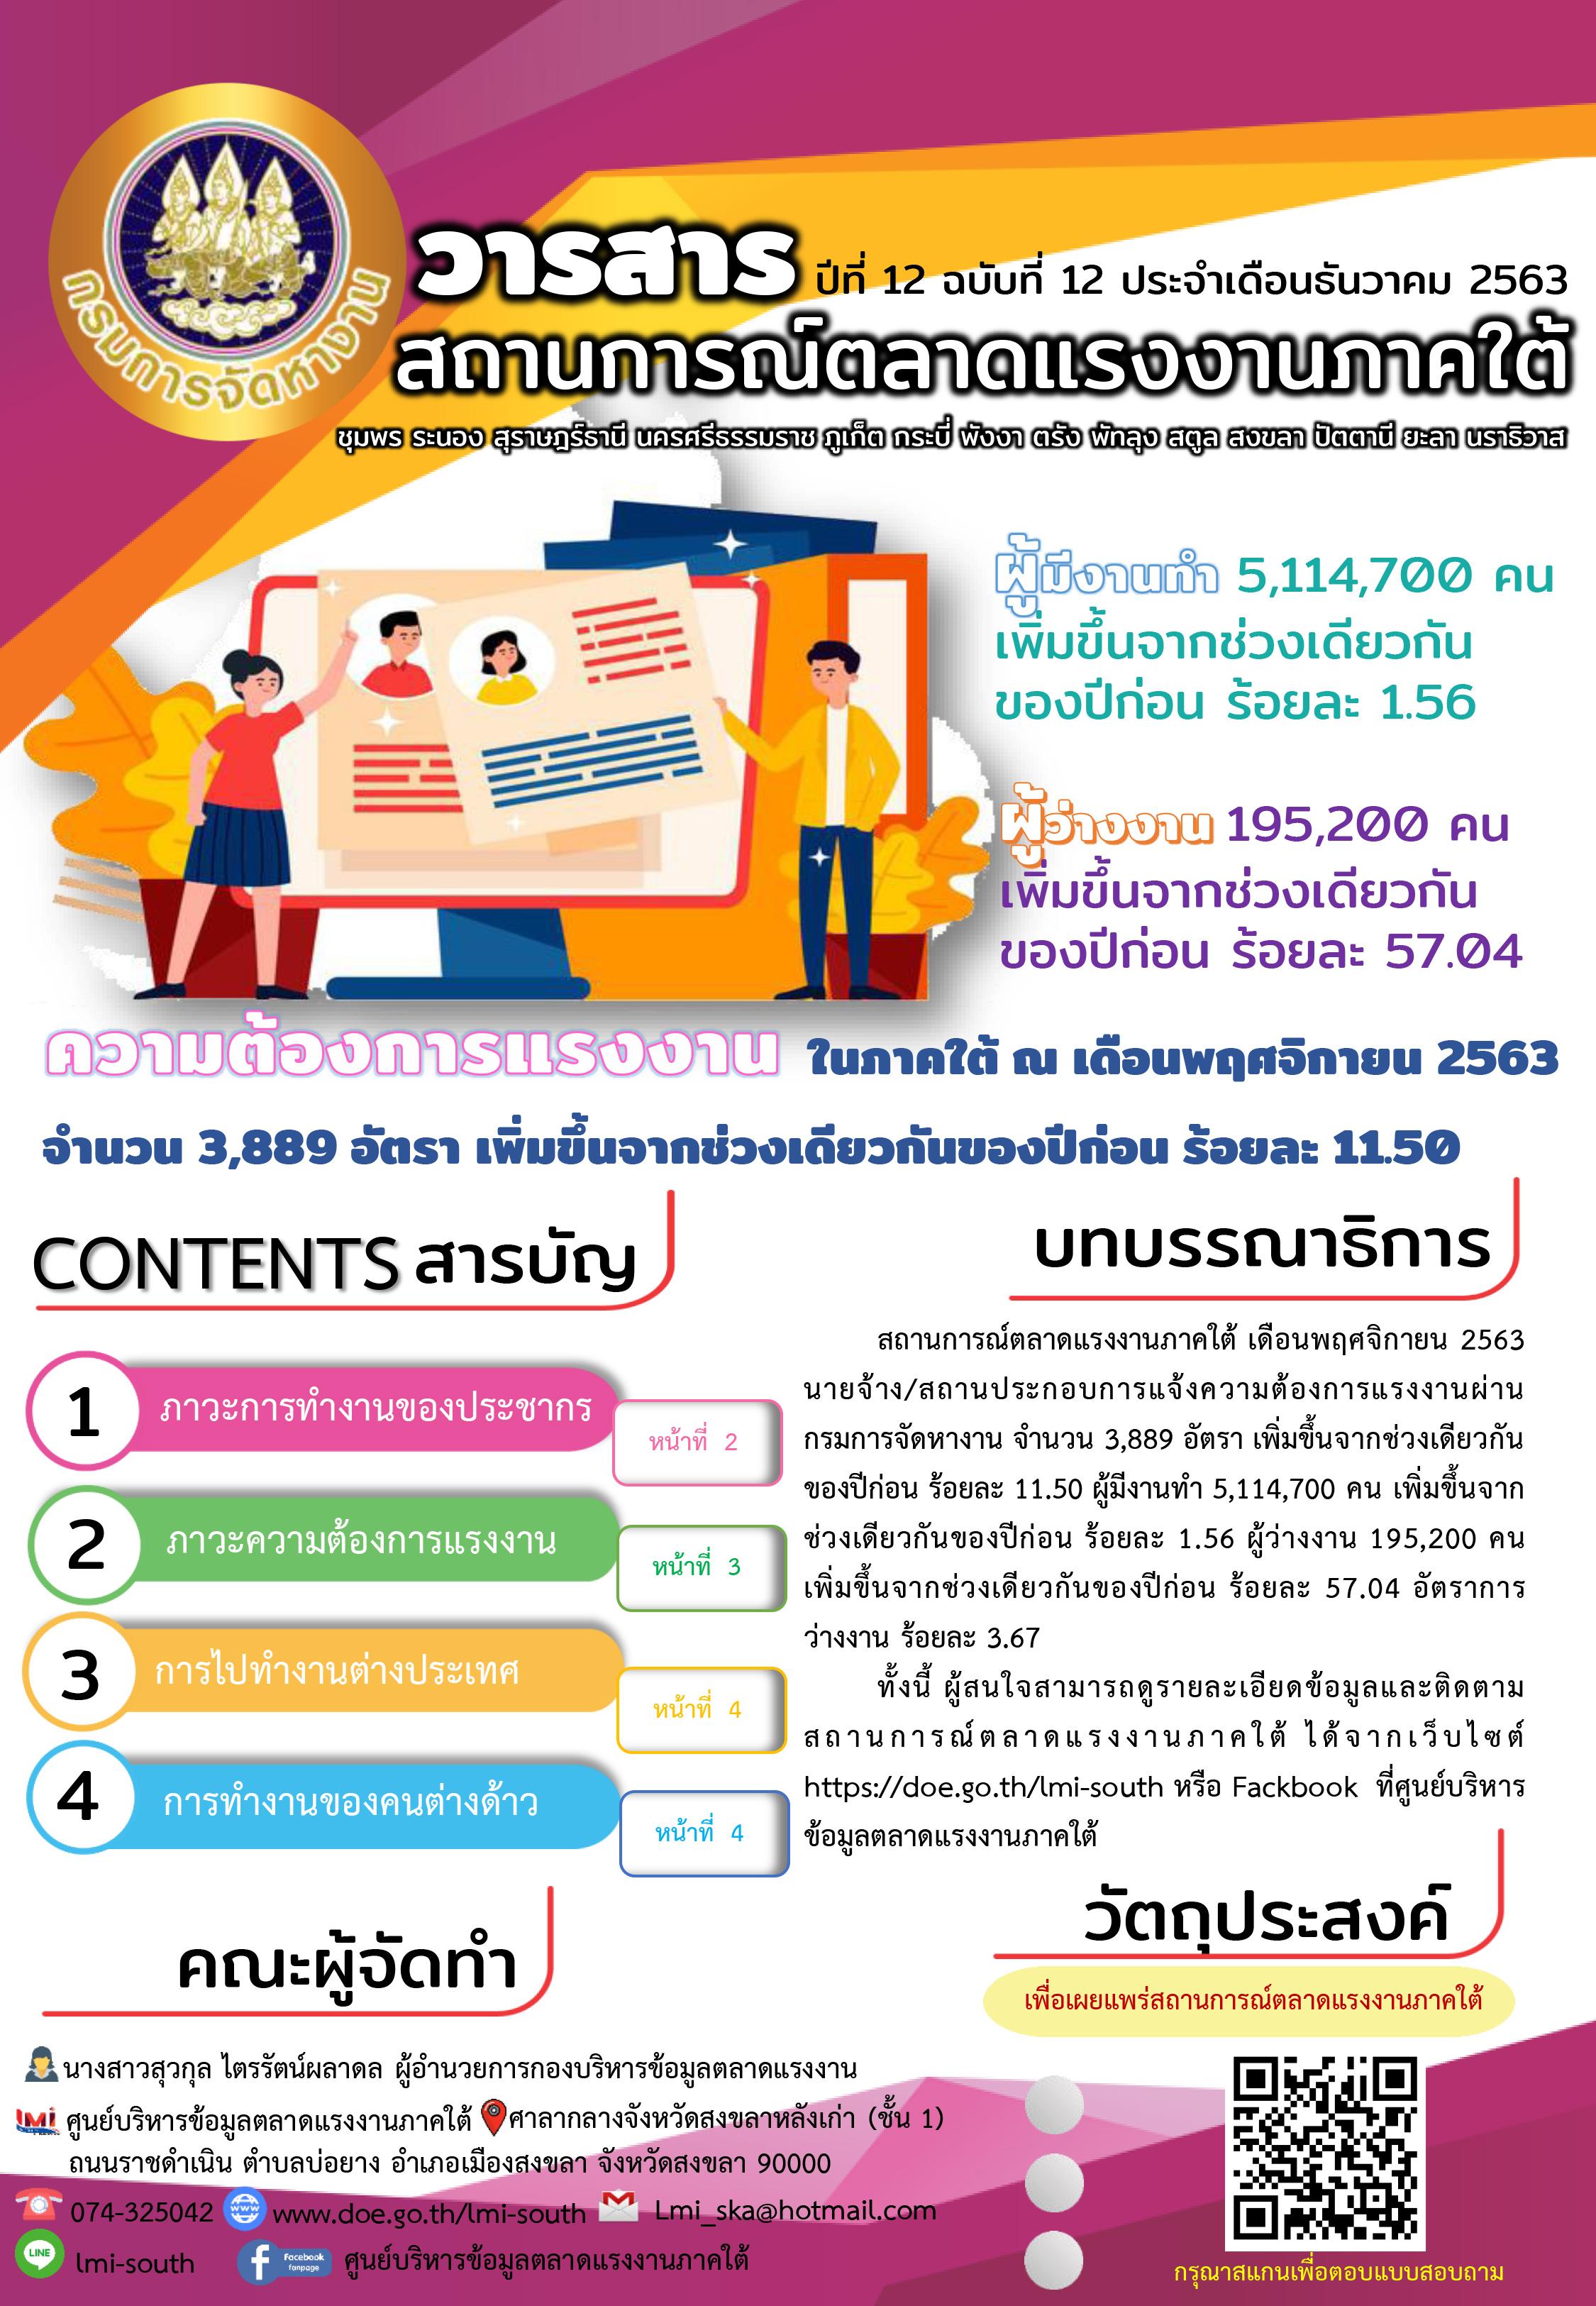 วารสารสถานการณ์ตลาดแรงงานภาคใต้ ปีที่ 12 ฉบับที่ 12 เดือนธันวาคม 2563